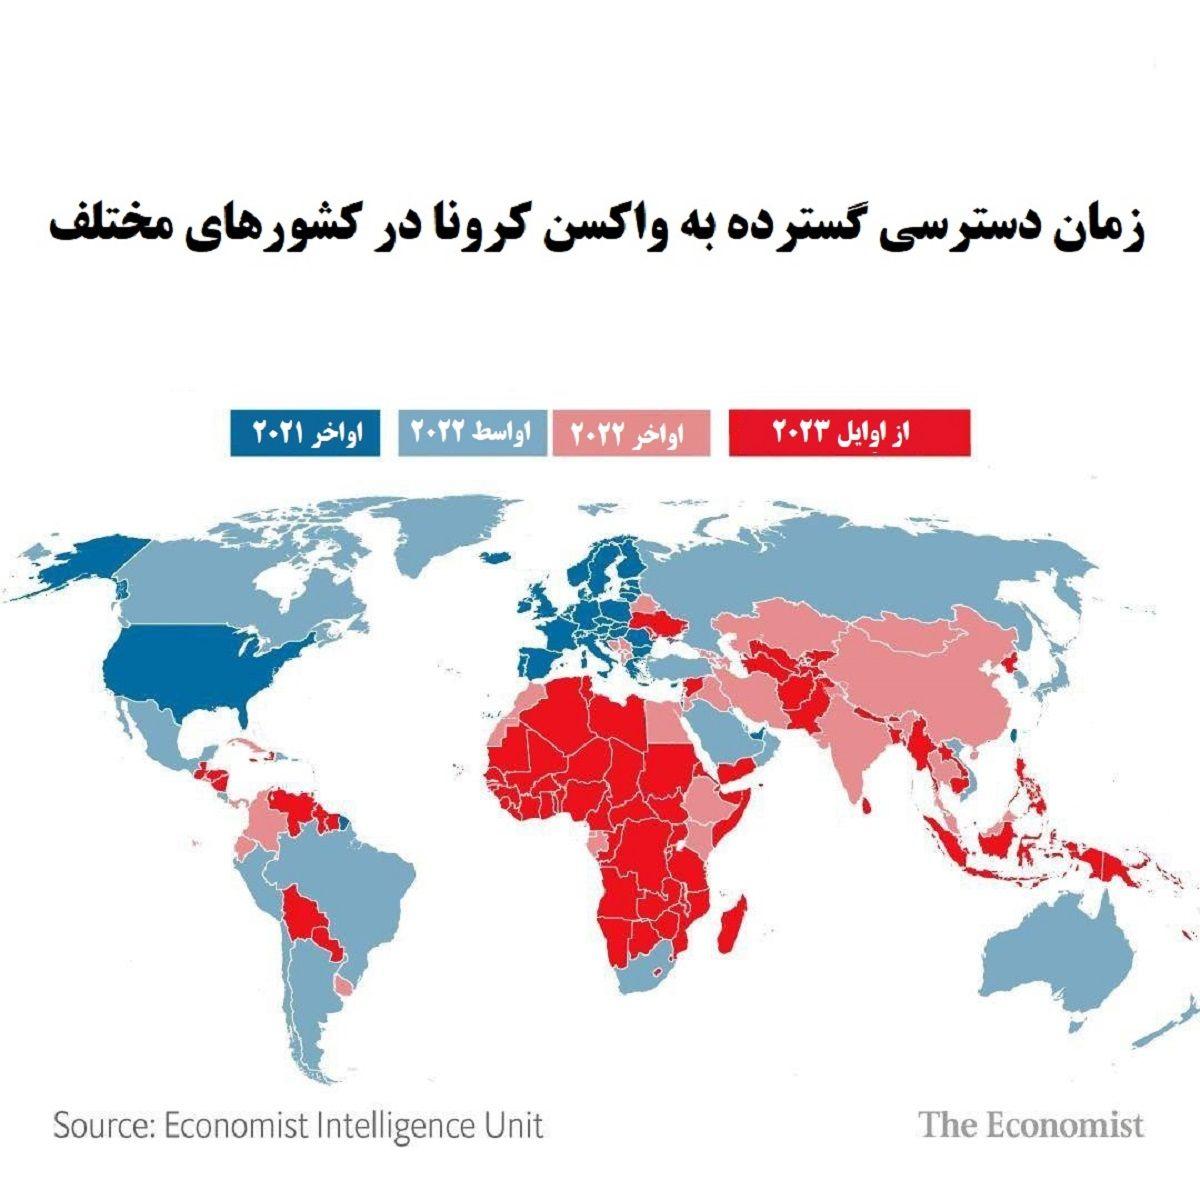 هشدار سازمان جهانی بهداشت در خصوص نابرابری توزیع واکسن/ واکسیناسیون در کشورهای فقیر چه زمانی انجام میشود؟